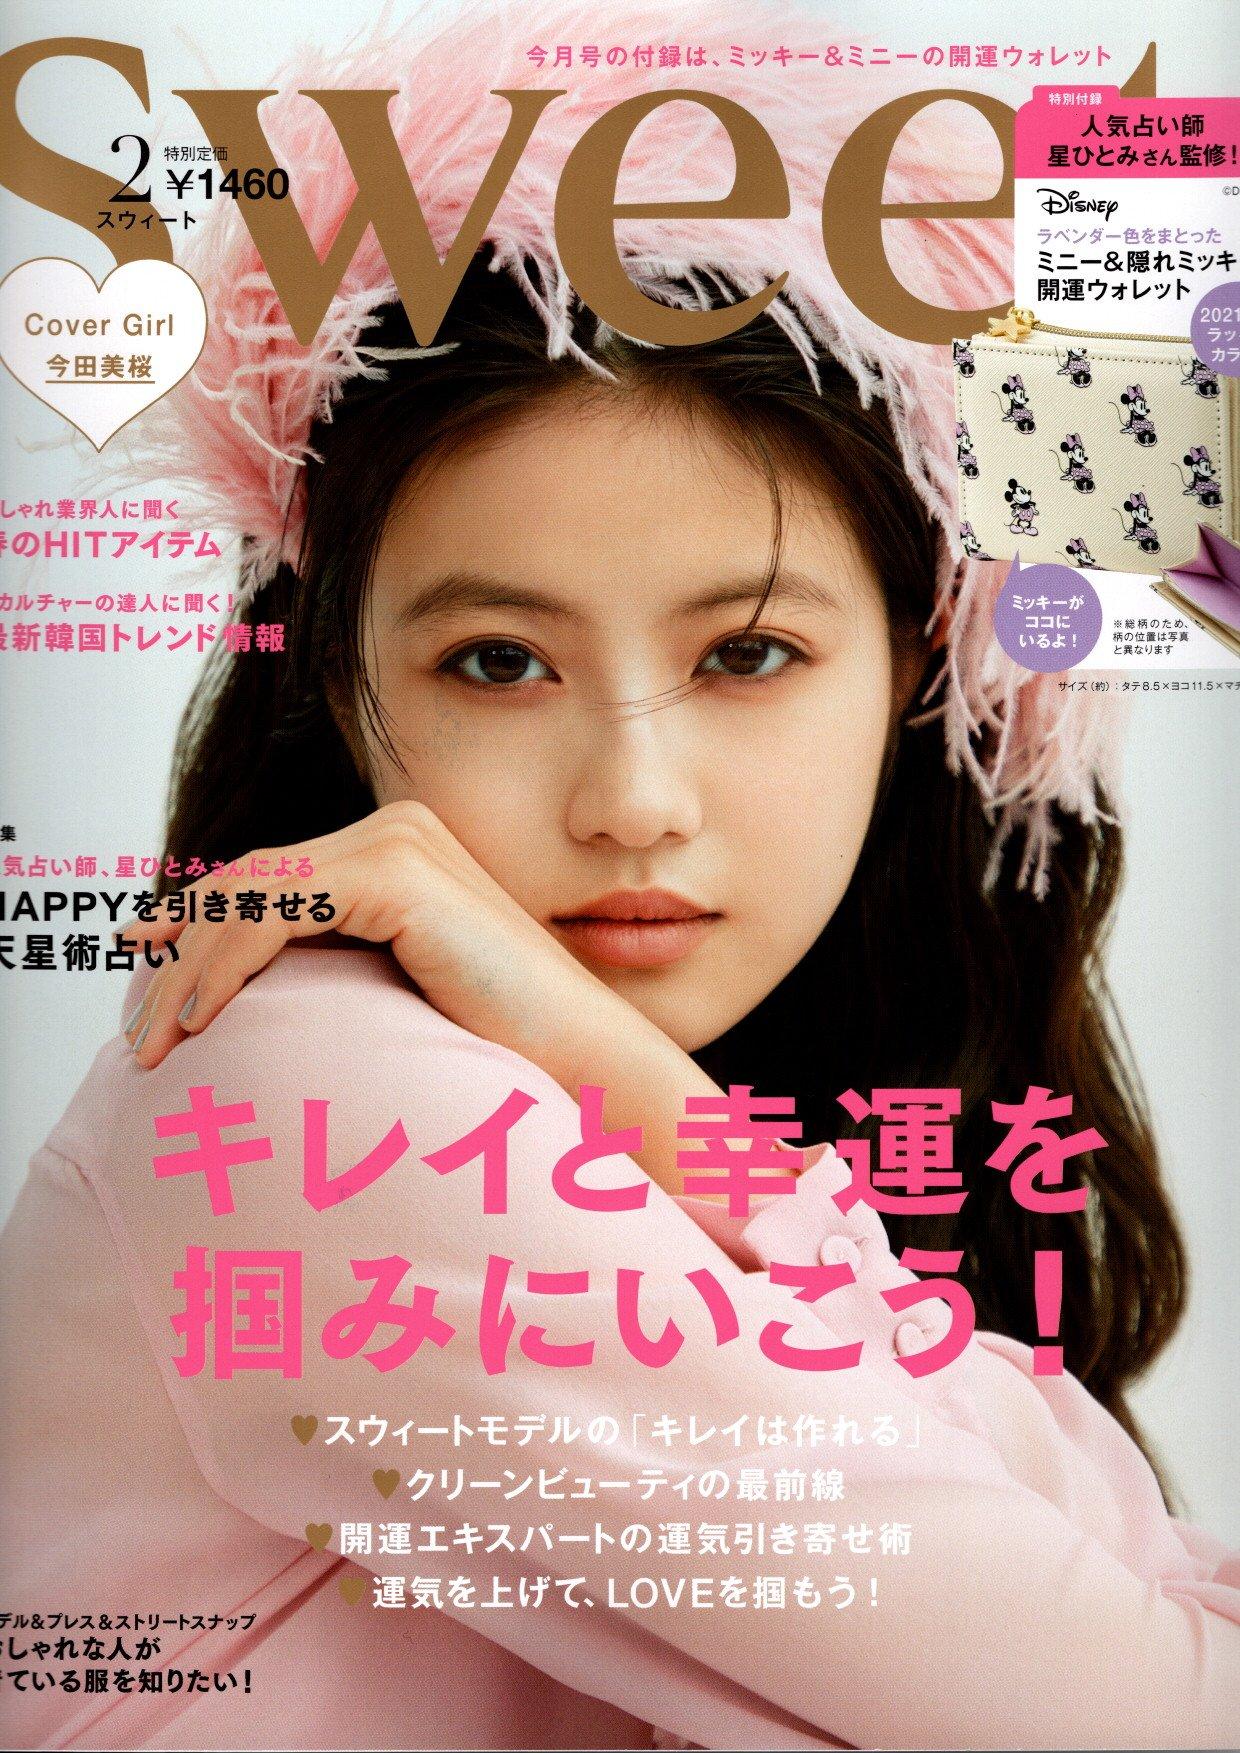 『Sweet』2021年2月号で、田上陽子さんよりBHYをご紹介いただきました